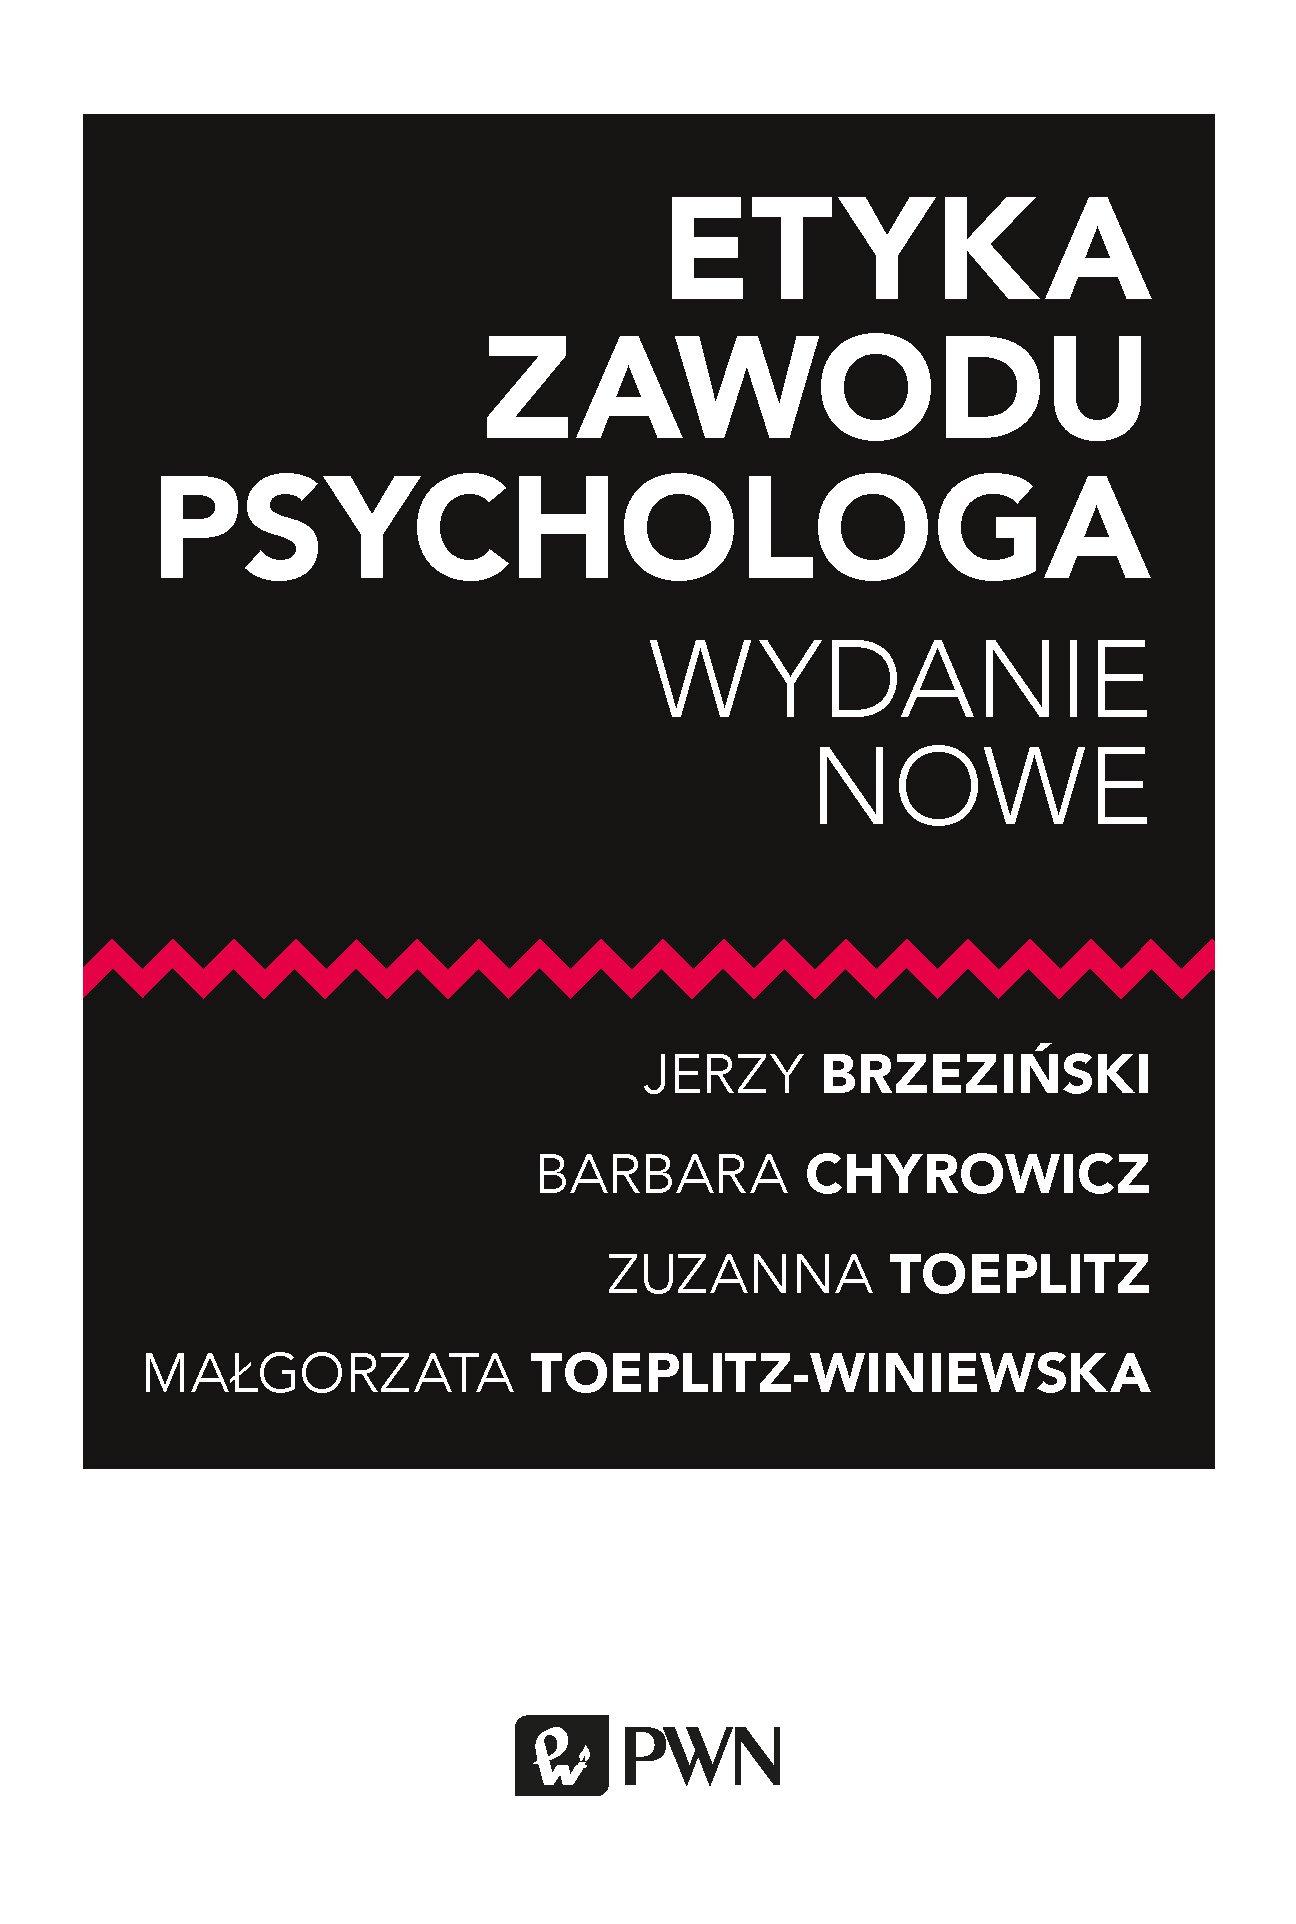 Etyka zawodu psychologa - Ebook (Książka EPUB) do pobrania w formacie EPUB